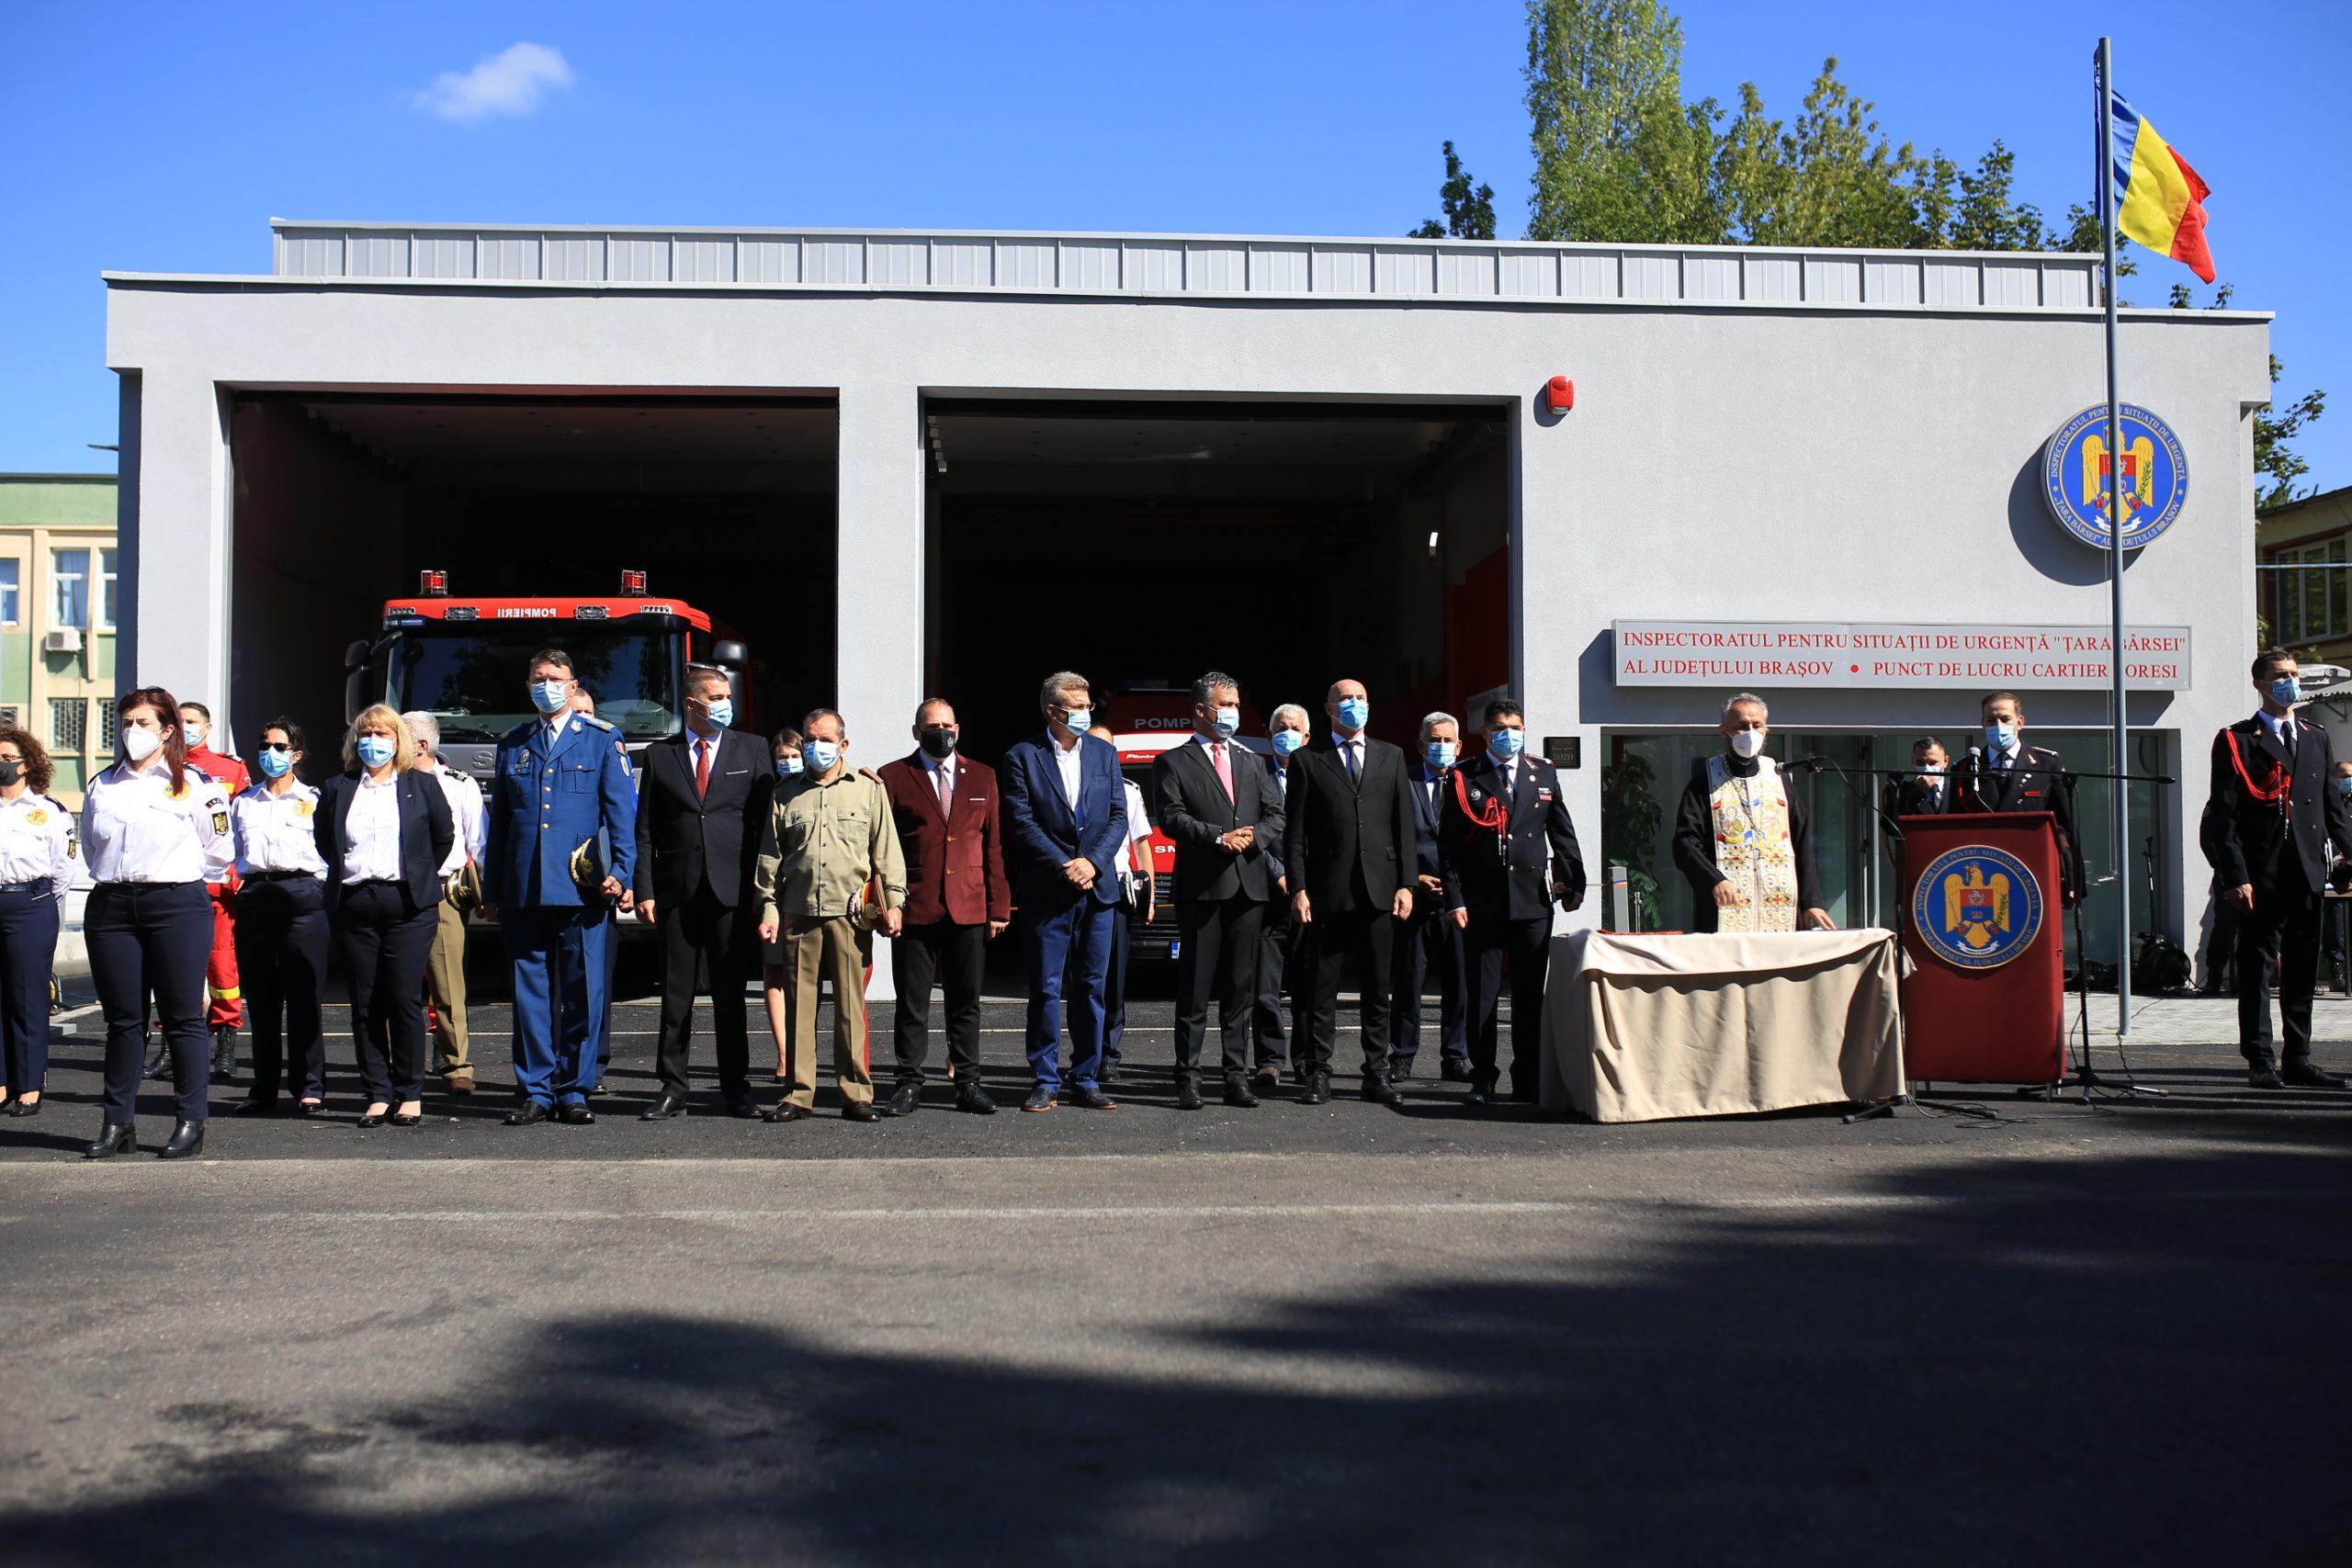 COMUNICAT DE PRESĂ – I.S.U. Brașov a operaționalizat o noua statie de pompieri